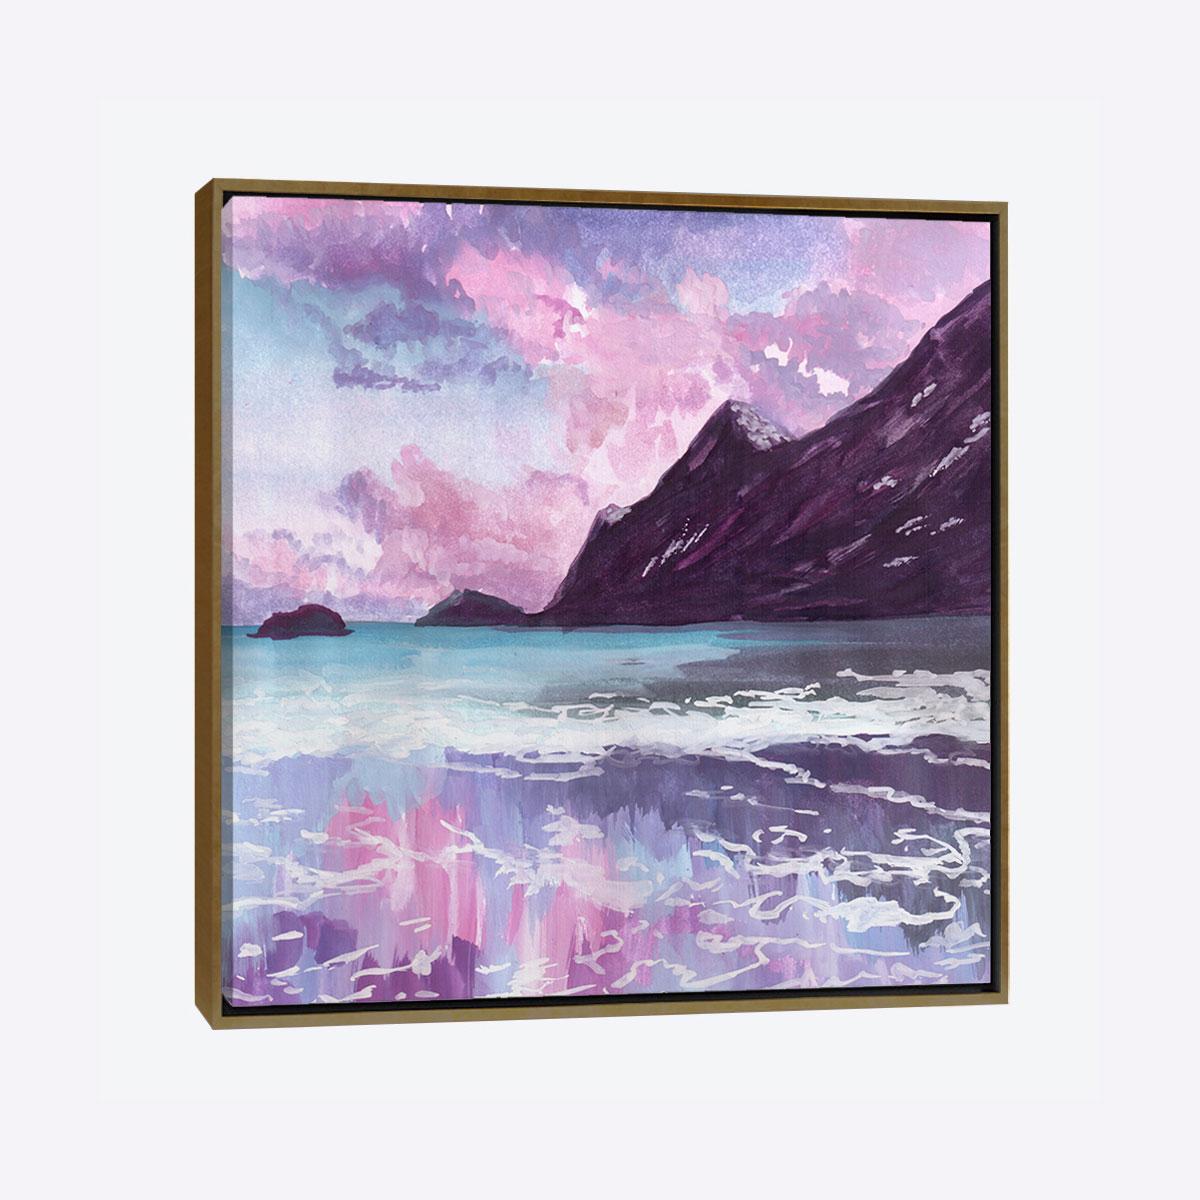 لوحات جدارية - غروب الشمس على الجبال - لوحات جدارية - كانفسي - لوحة فنية جدارية لمظاهر طبيعية بالألوان الجذابة التي تعطي طاقة حيوية وتفاؤل تتناسب مع جميع أثاثكم شاهد المزيد في متجر كانفسي